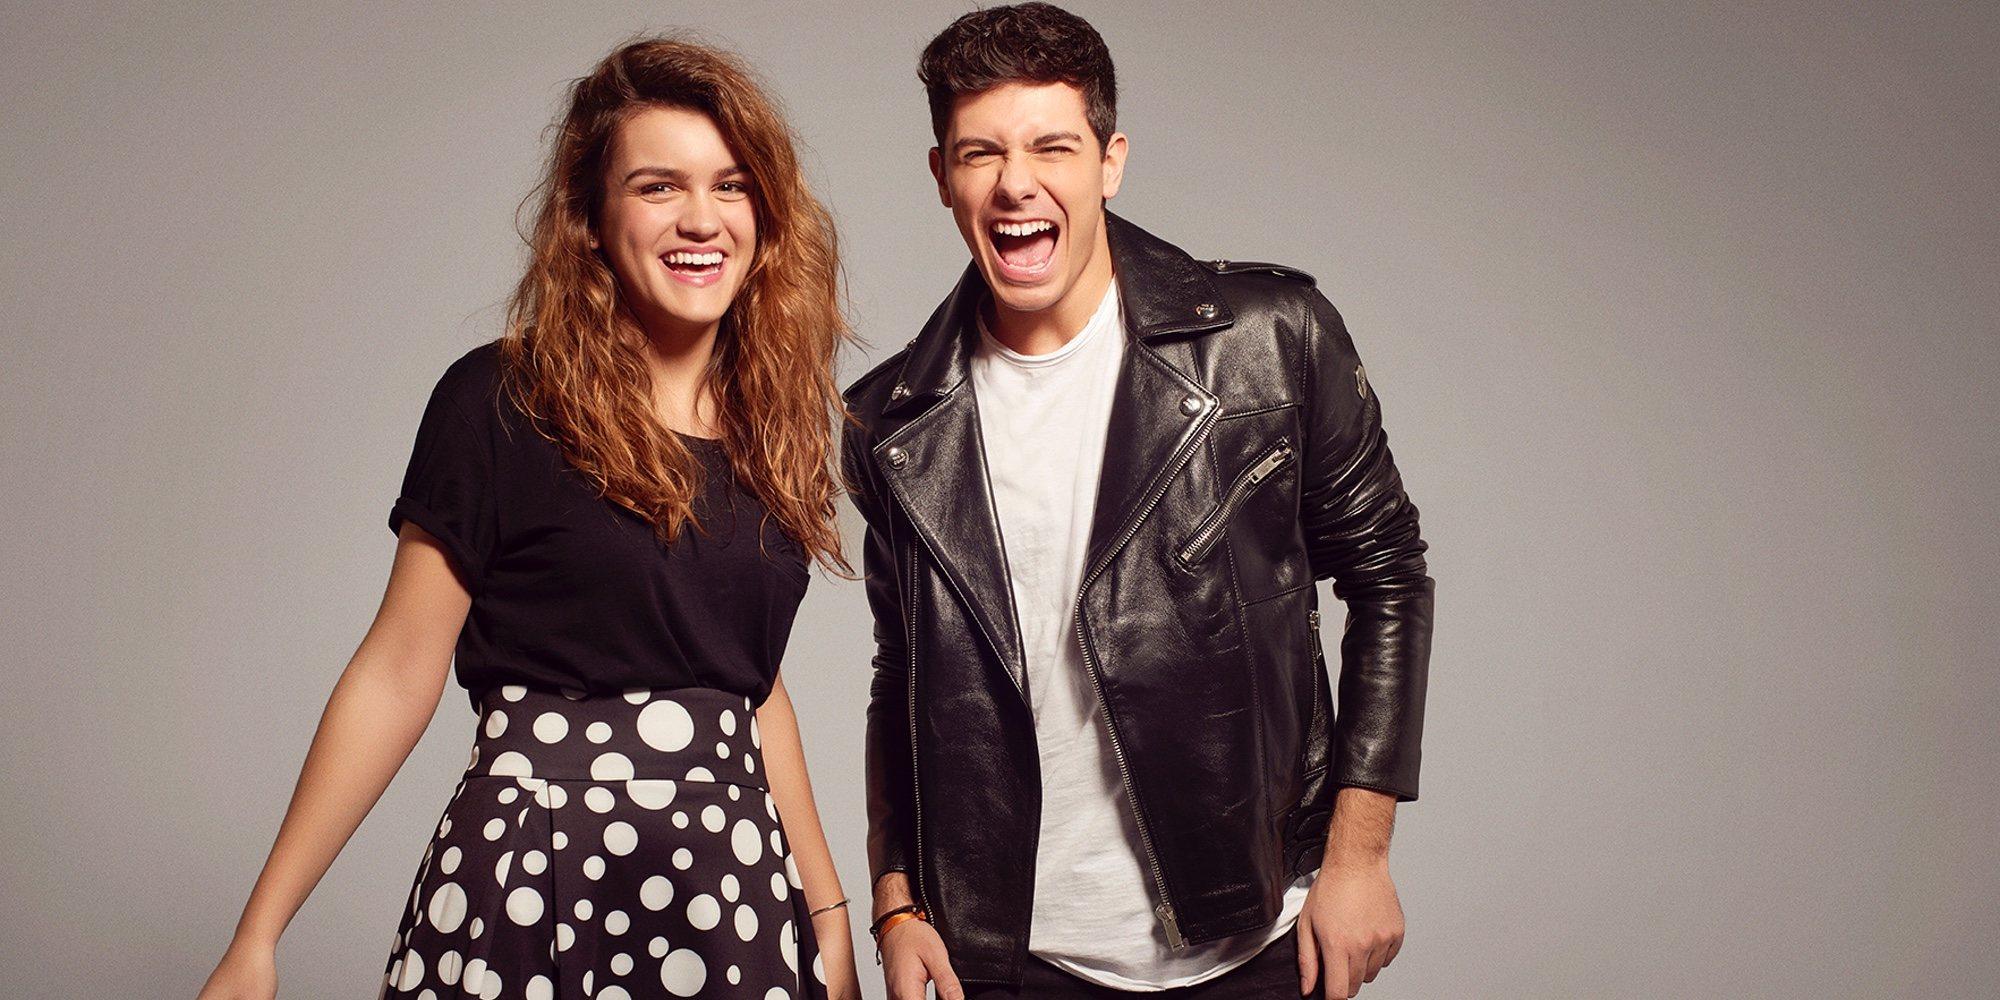 Amaia y Alfred, divertidos y cómplices en las fotos oficiales de Eurovisión 2018